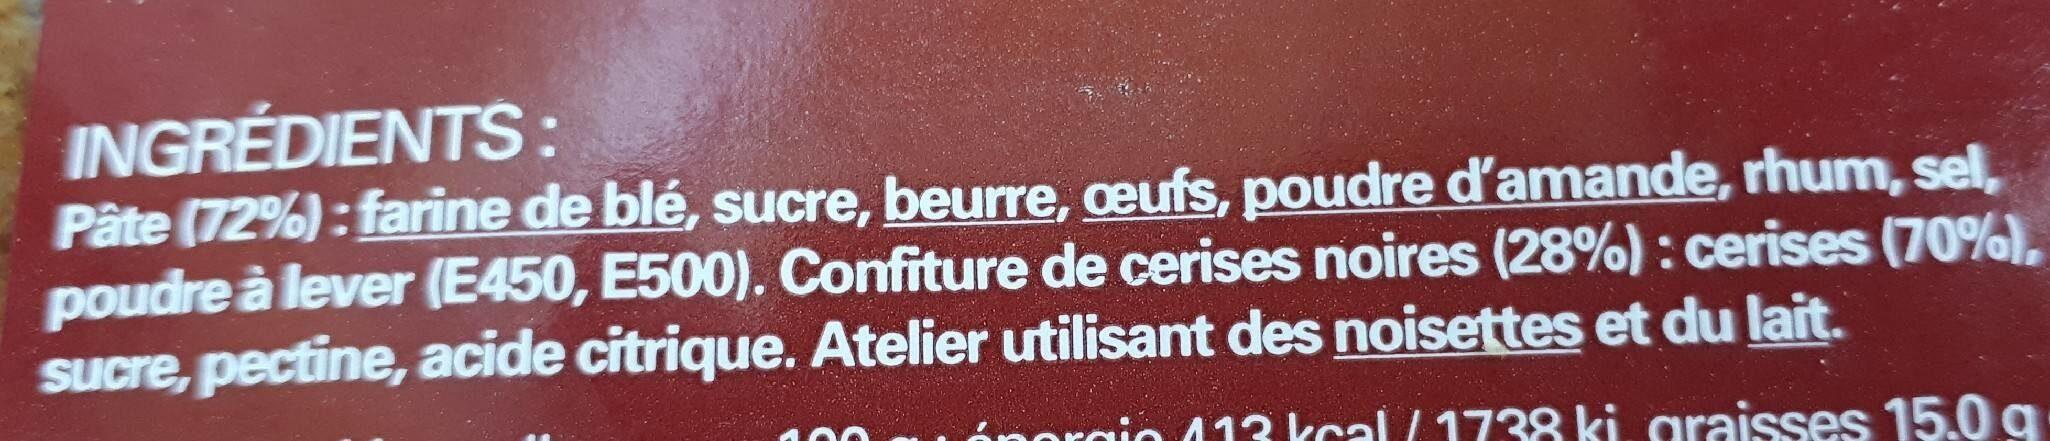 Gâteau basque aux cerises noires - Ingredients - fr